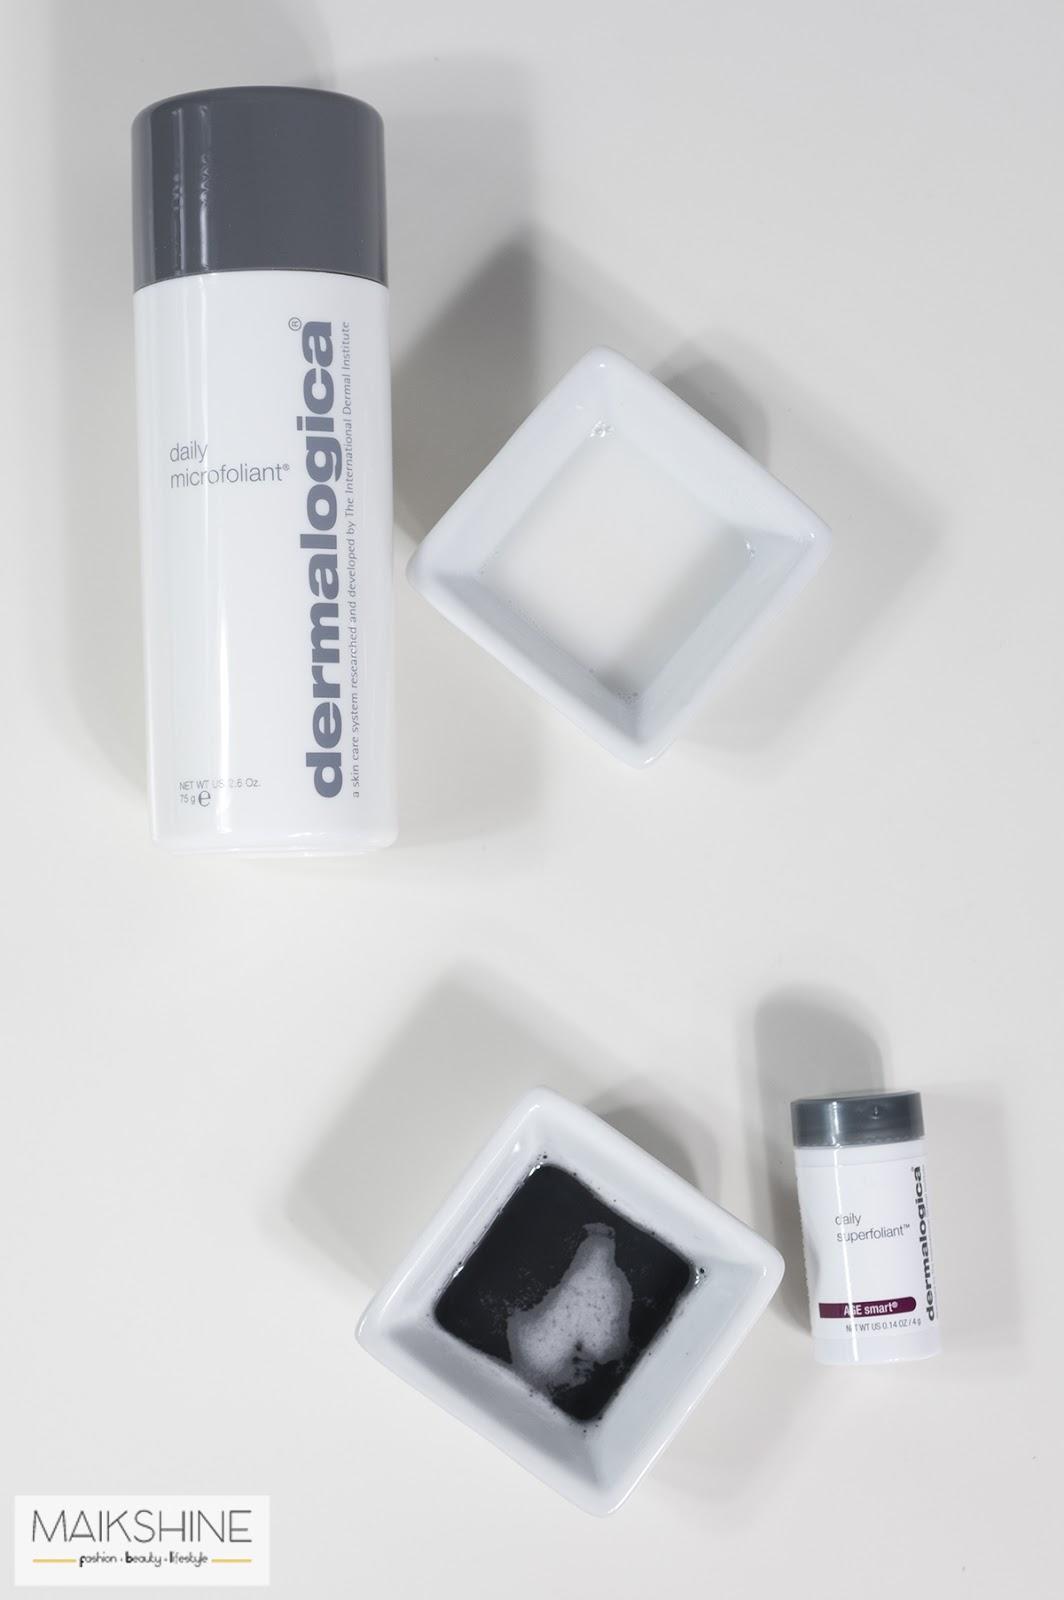 Daily MIcrofoliant VS Daily Superfoliant